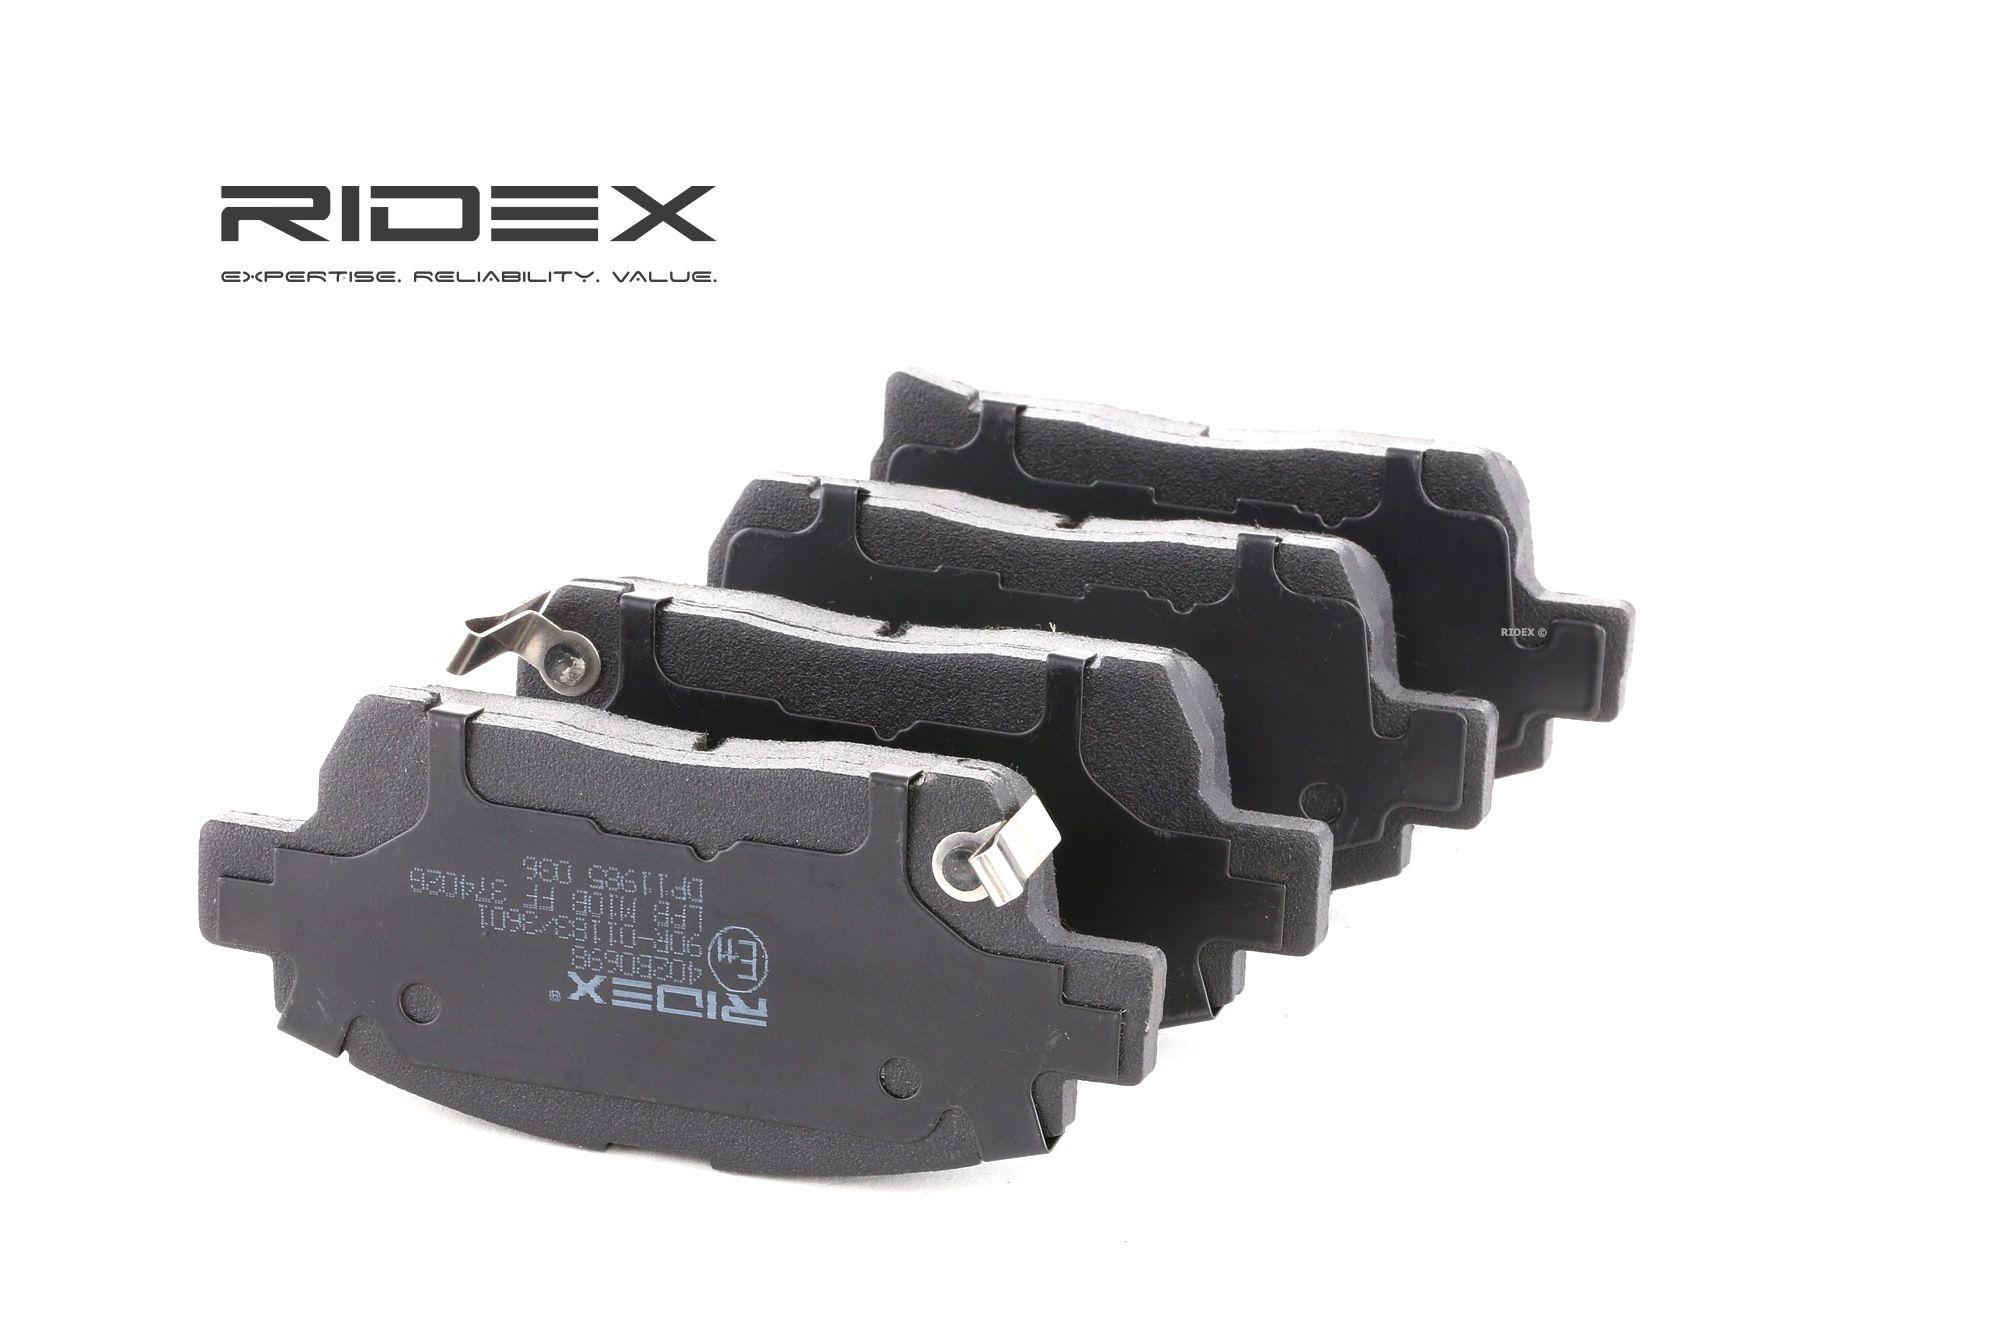 Bremsbelagsatz RIDEX 402B0698 Bewertung